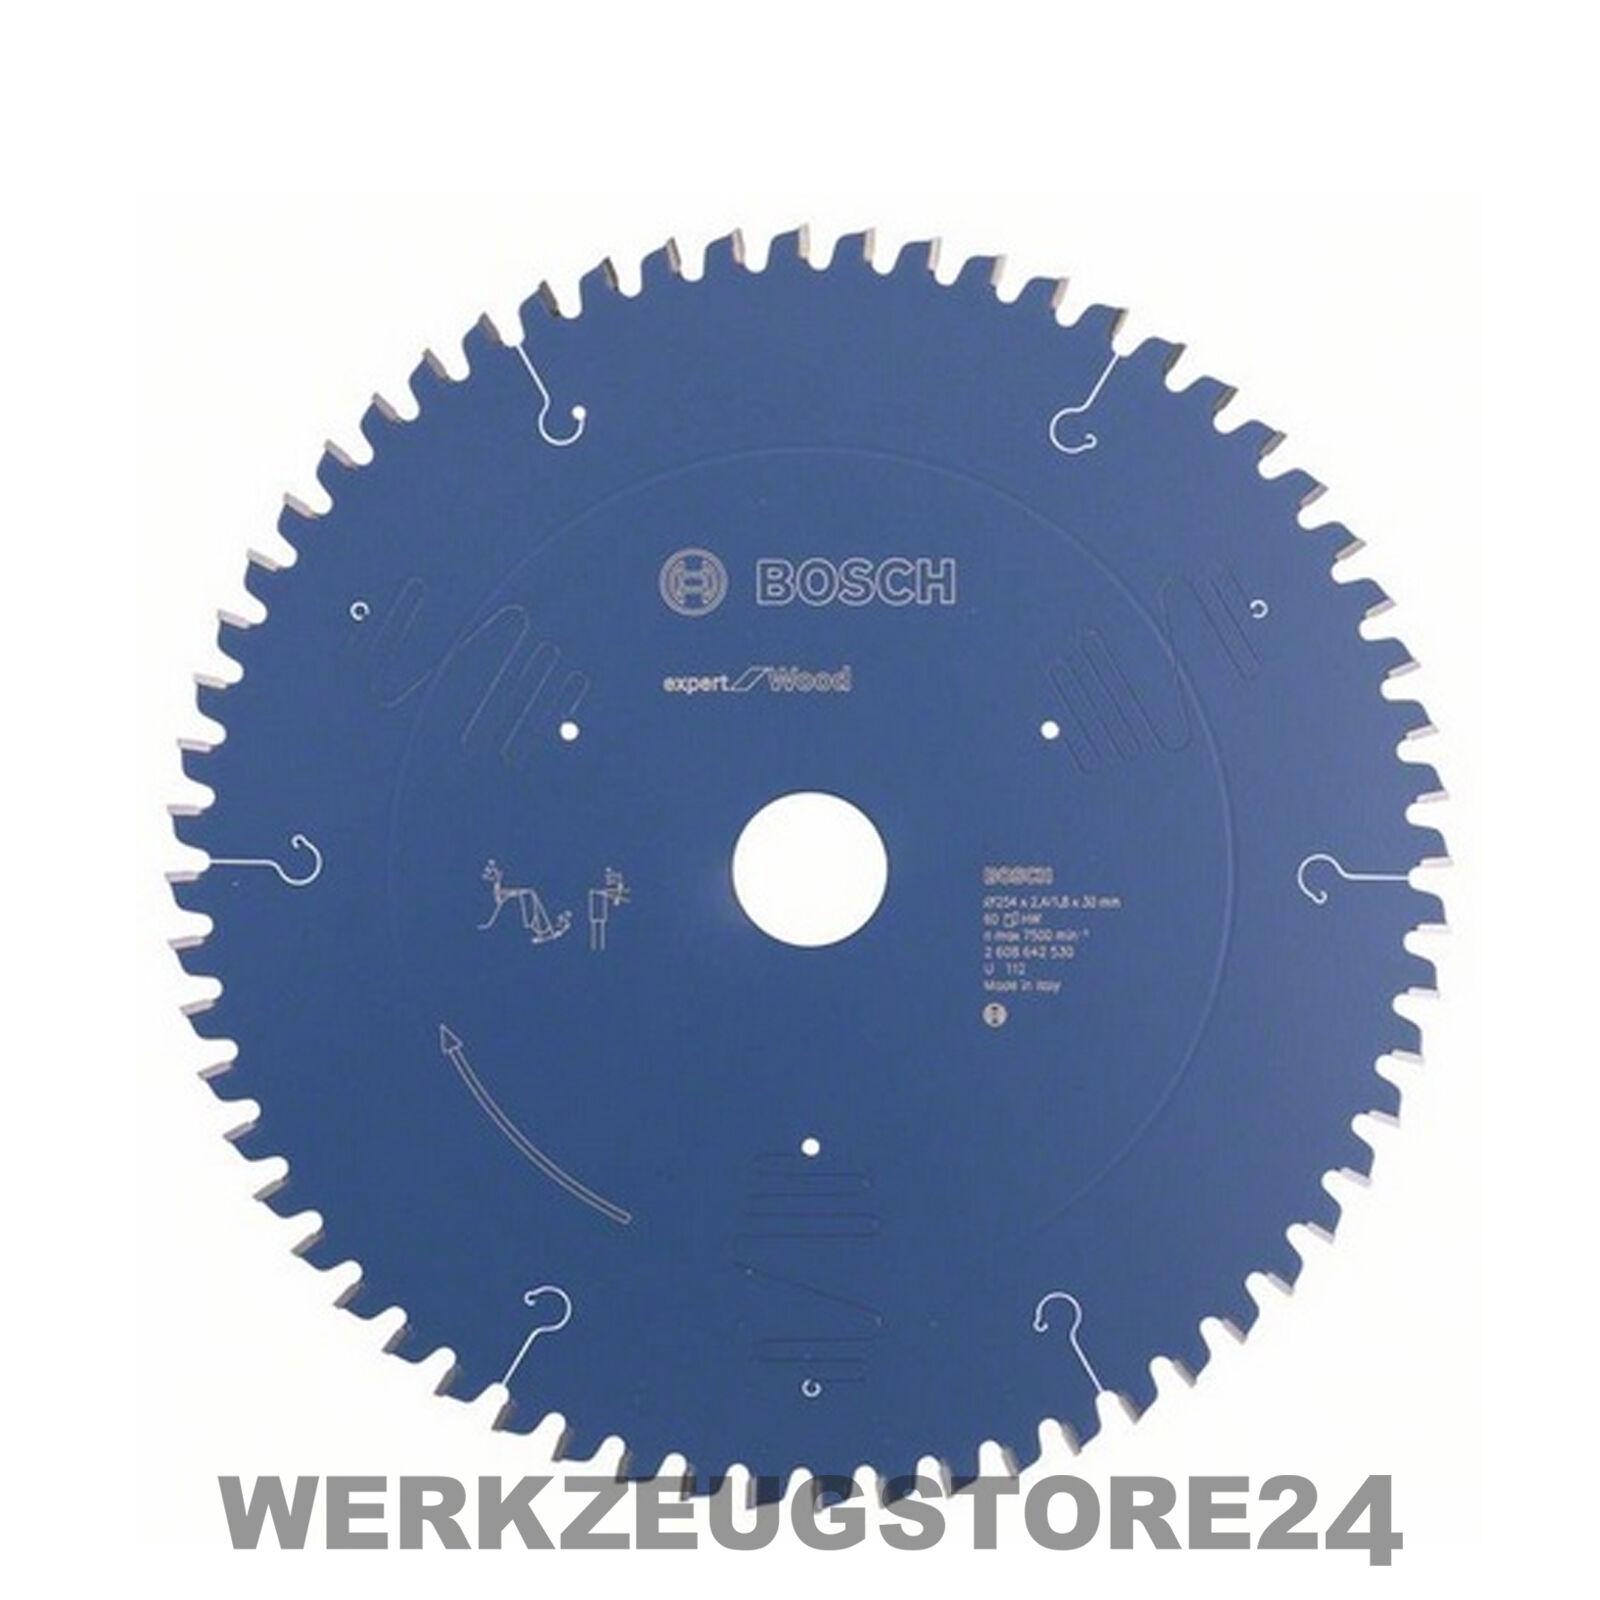 Bosch Kreissägeblatt Expert for Wood 254x30x2,4 1,8 mm 60T WZ 2608642530